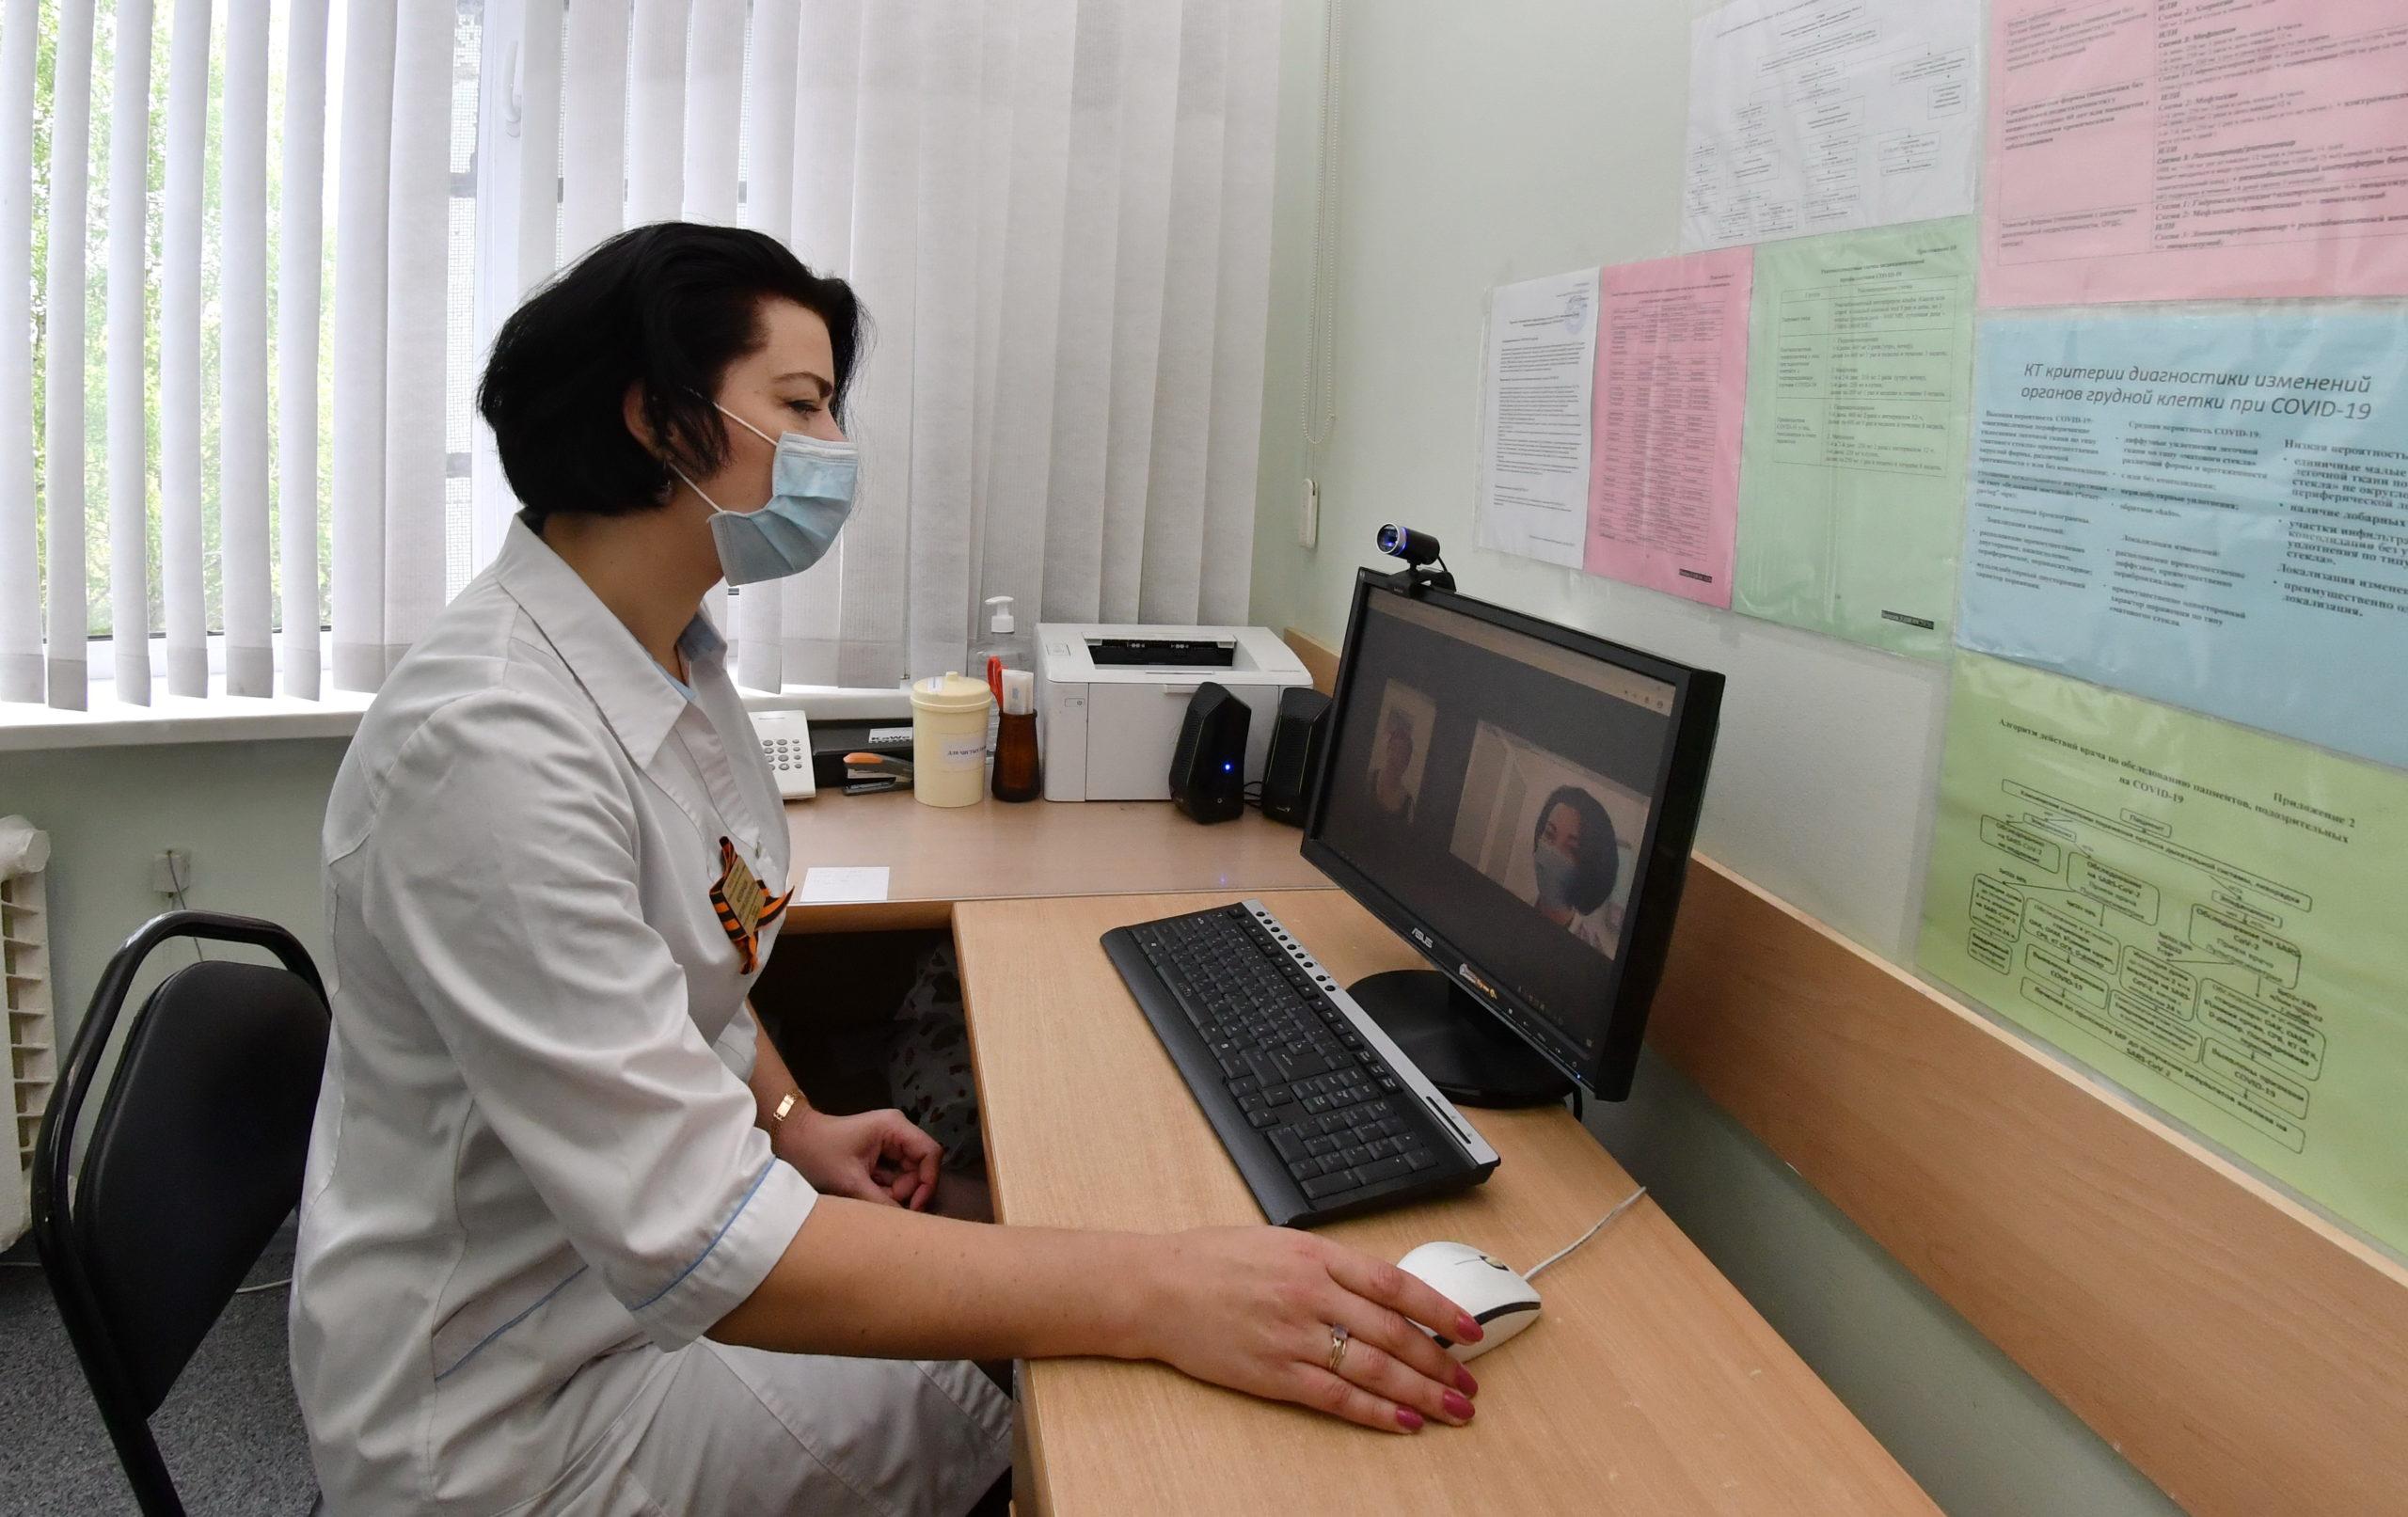 Сотни консультаций: в тольяттинской поликлинике рассказали, как попасть на прием, не выходя из дома